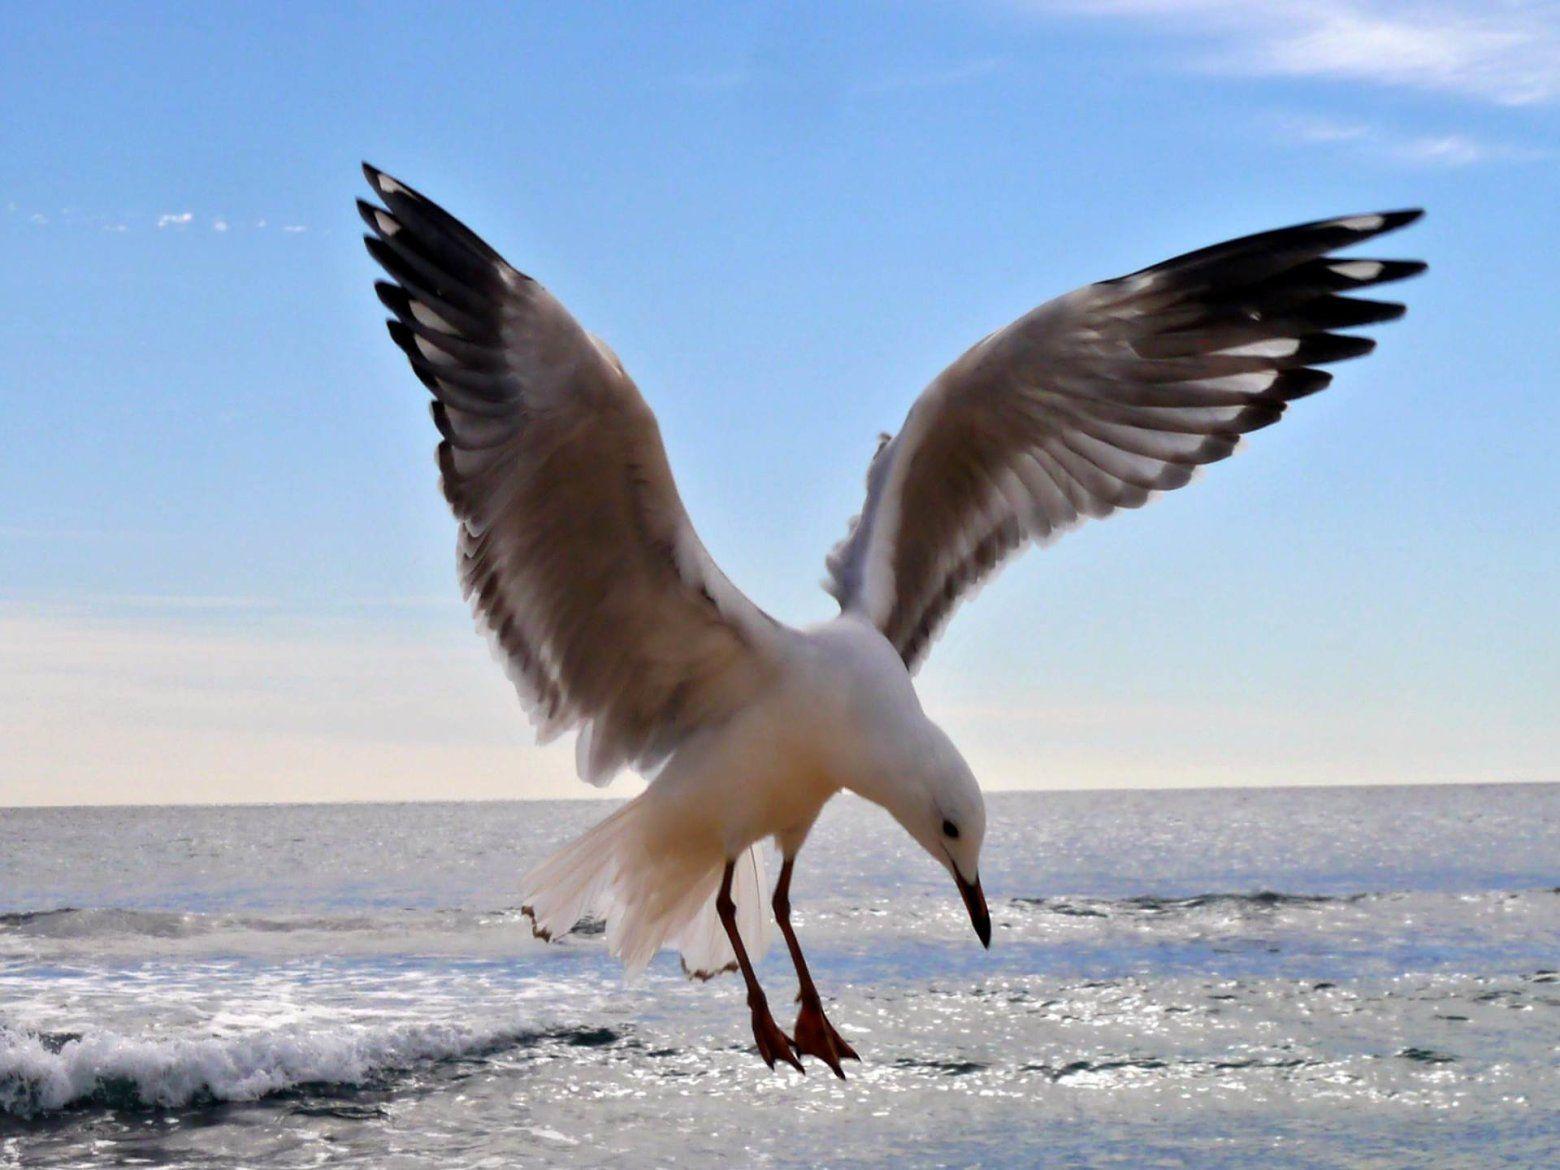 Flying seagull bird ocean beach blue sky waves